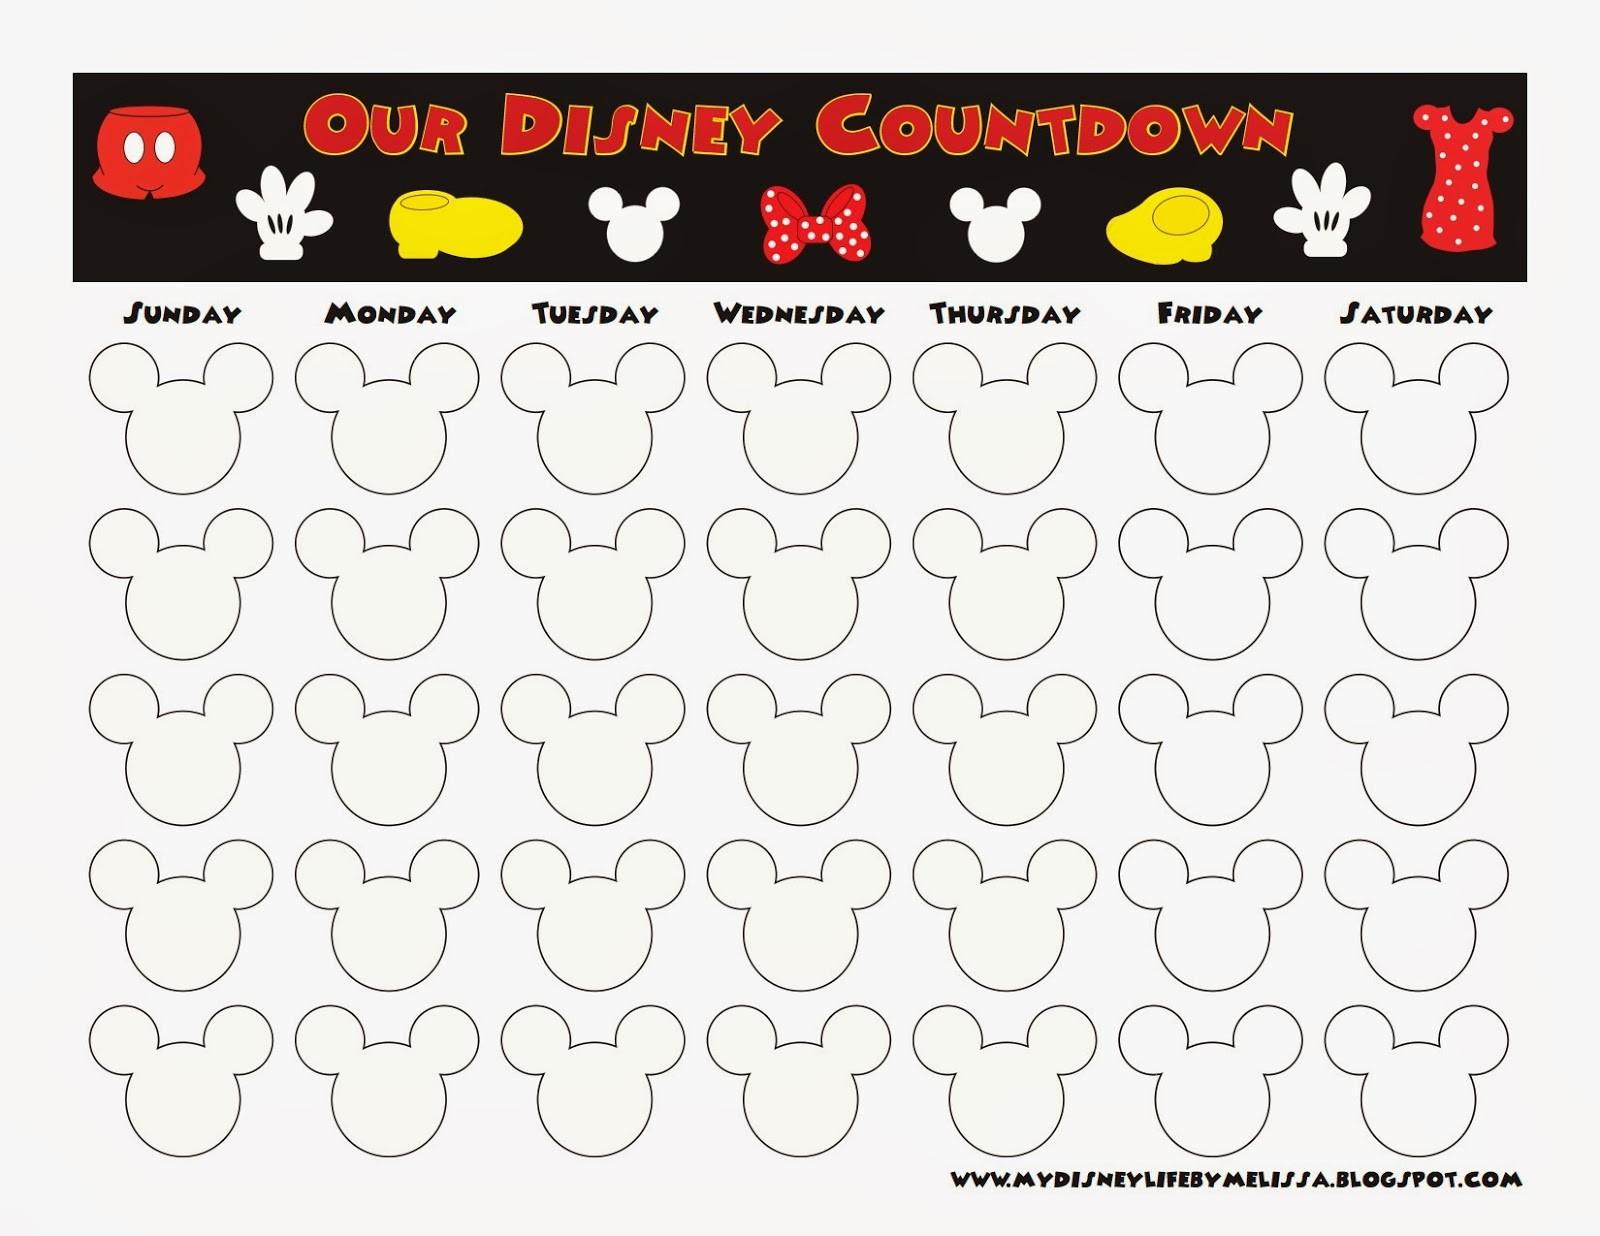 Awesome Countdown Calendar Printable | Free Printable